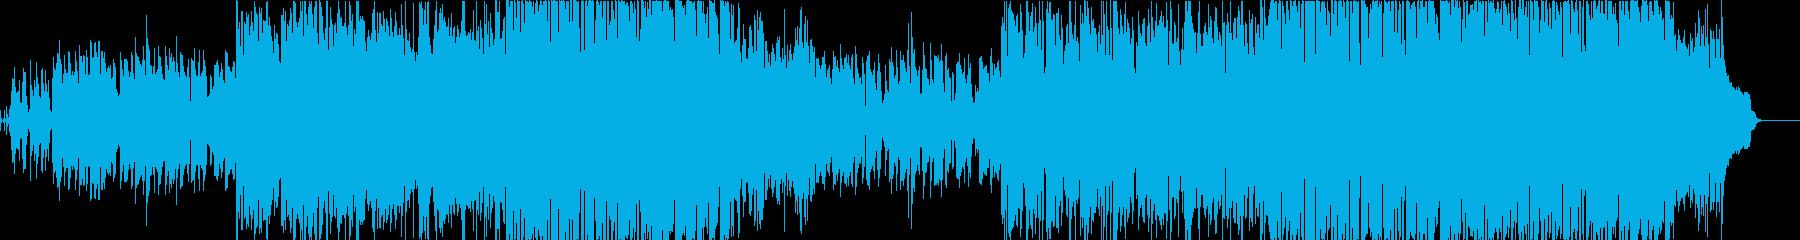 月のワルツ風のジャズワルツの曲の再生済みの波形